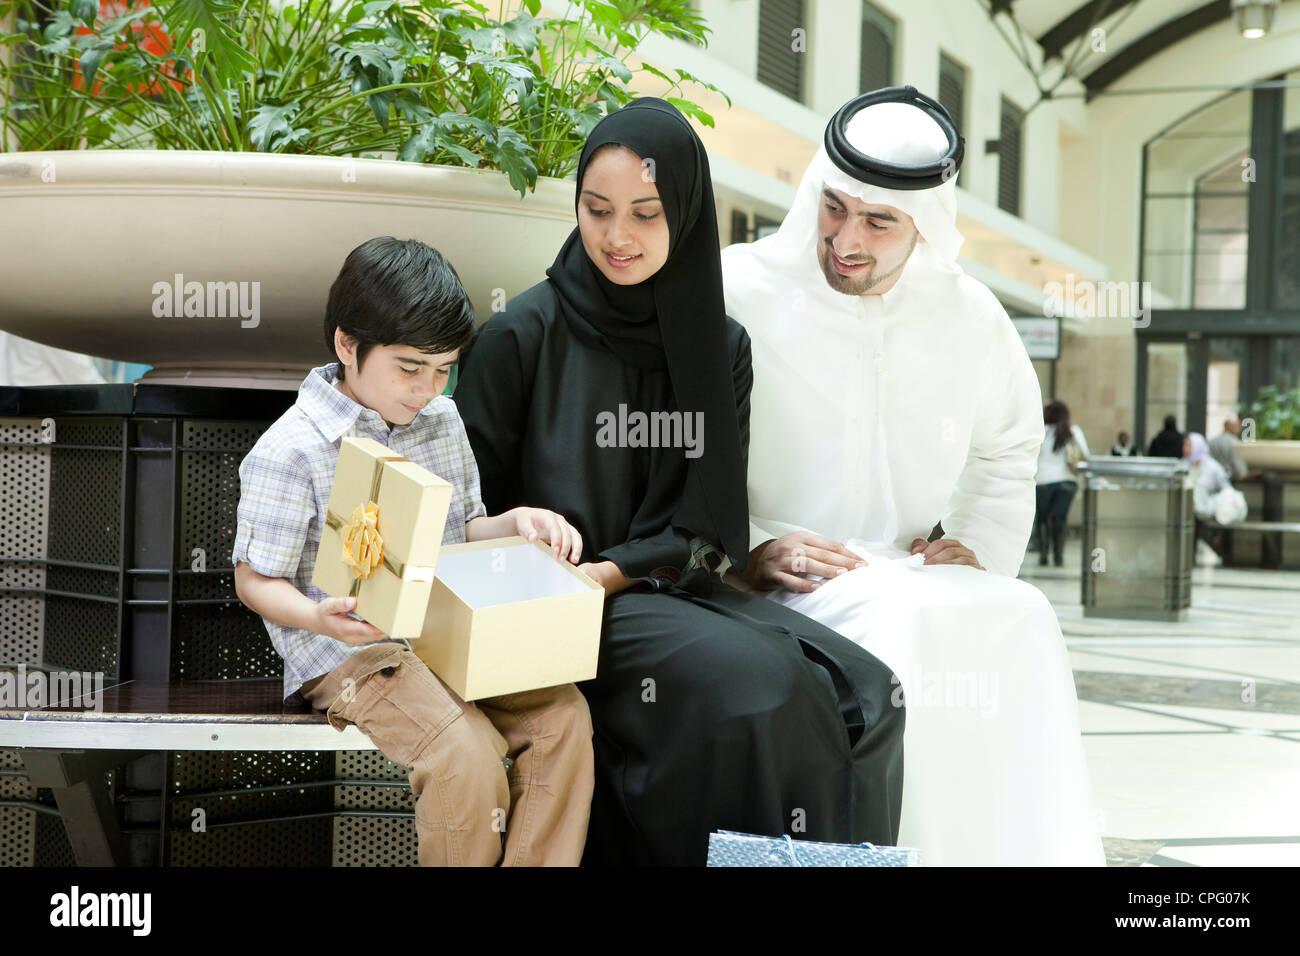 Familia árabe sentado en el centro comercial, los padres dando regalo para su hijo. Imagen De Stock